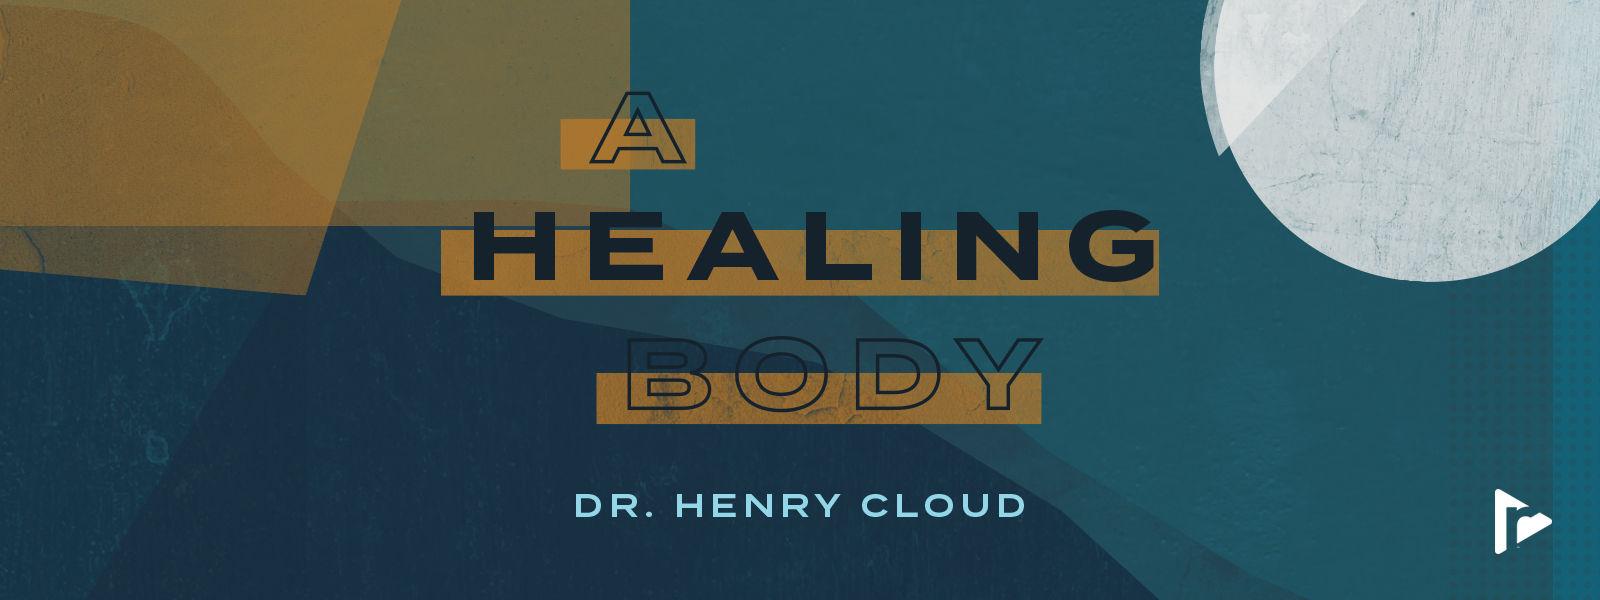 A Healing Body